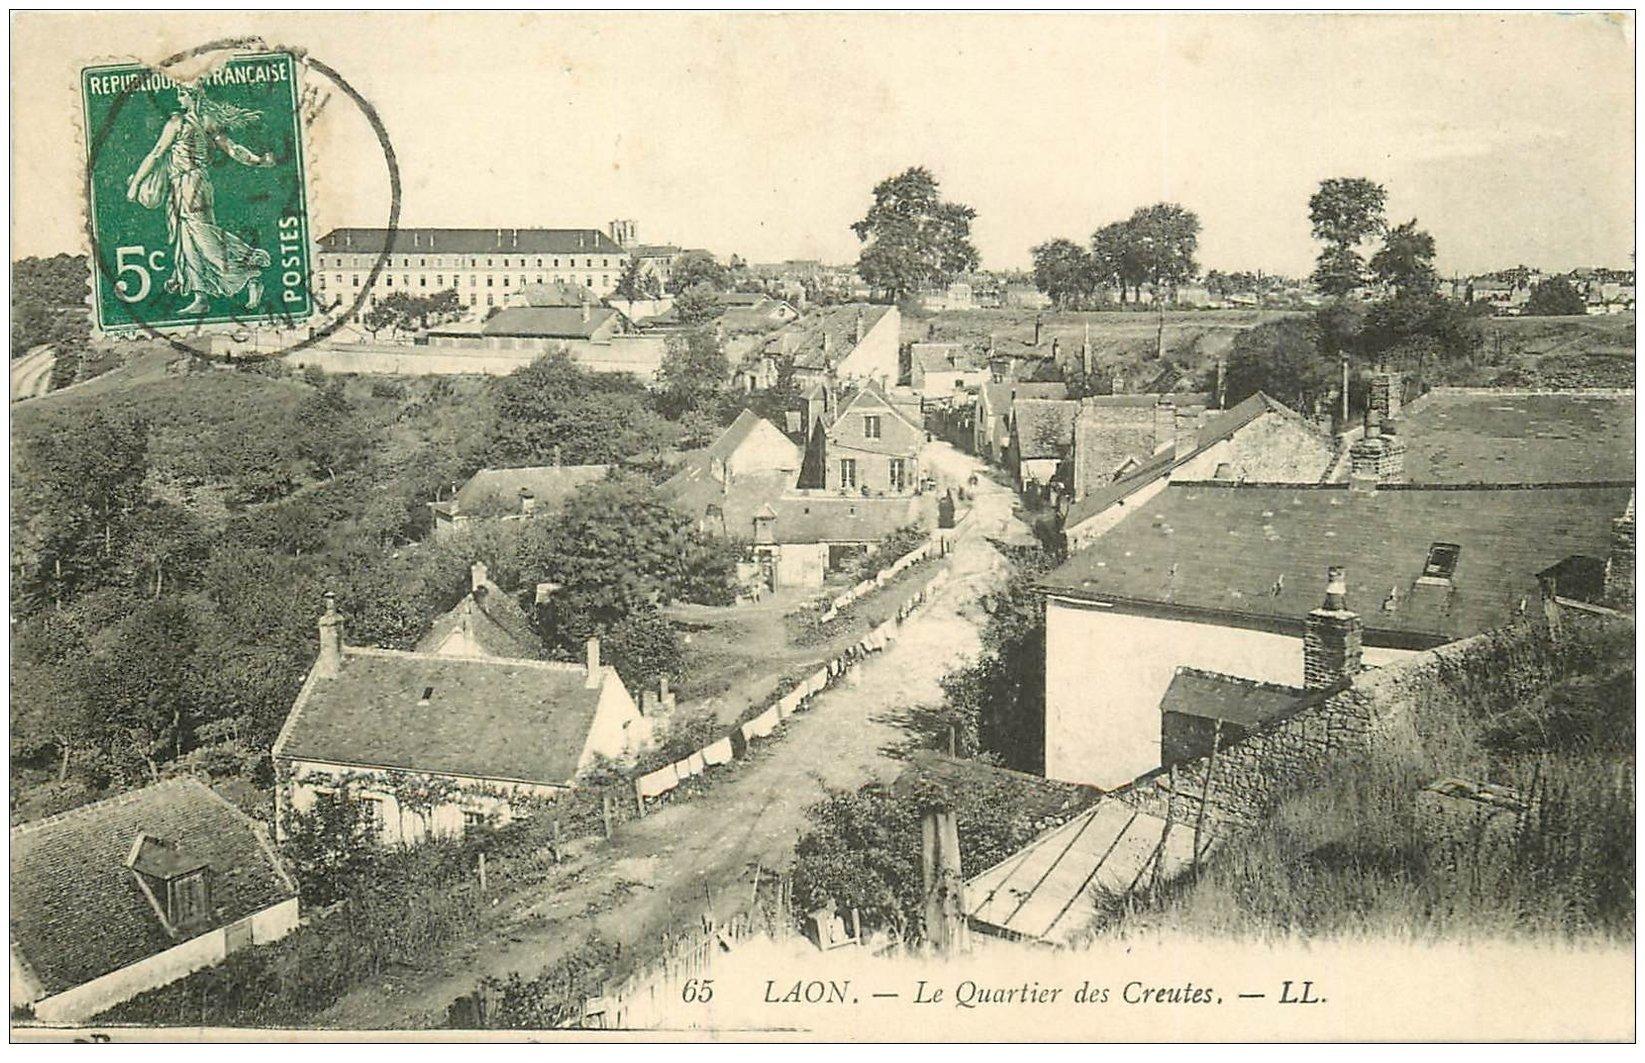 02 laon le quartier des creutes 1912 for Code postal laon 02